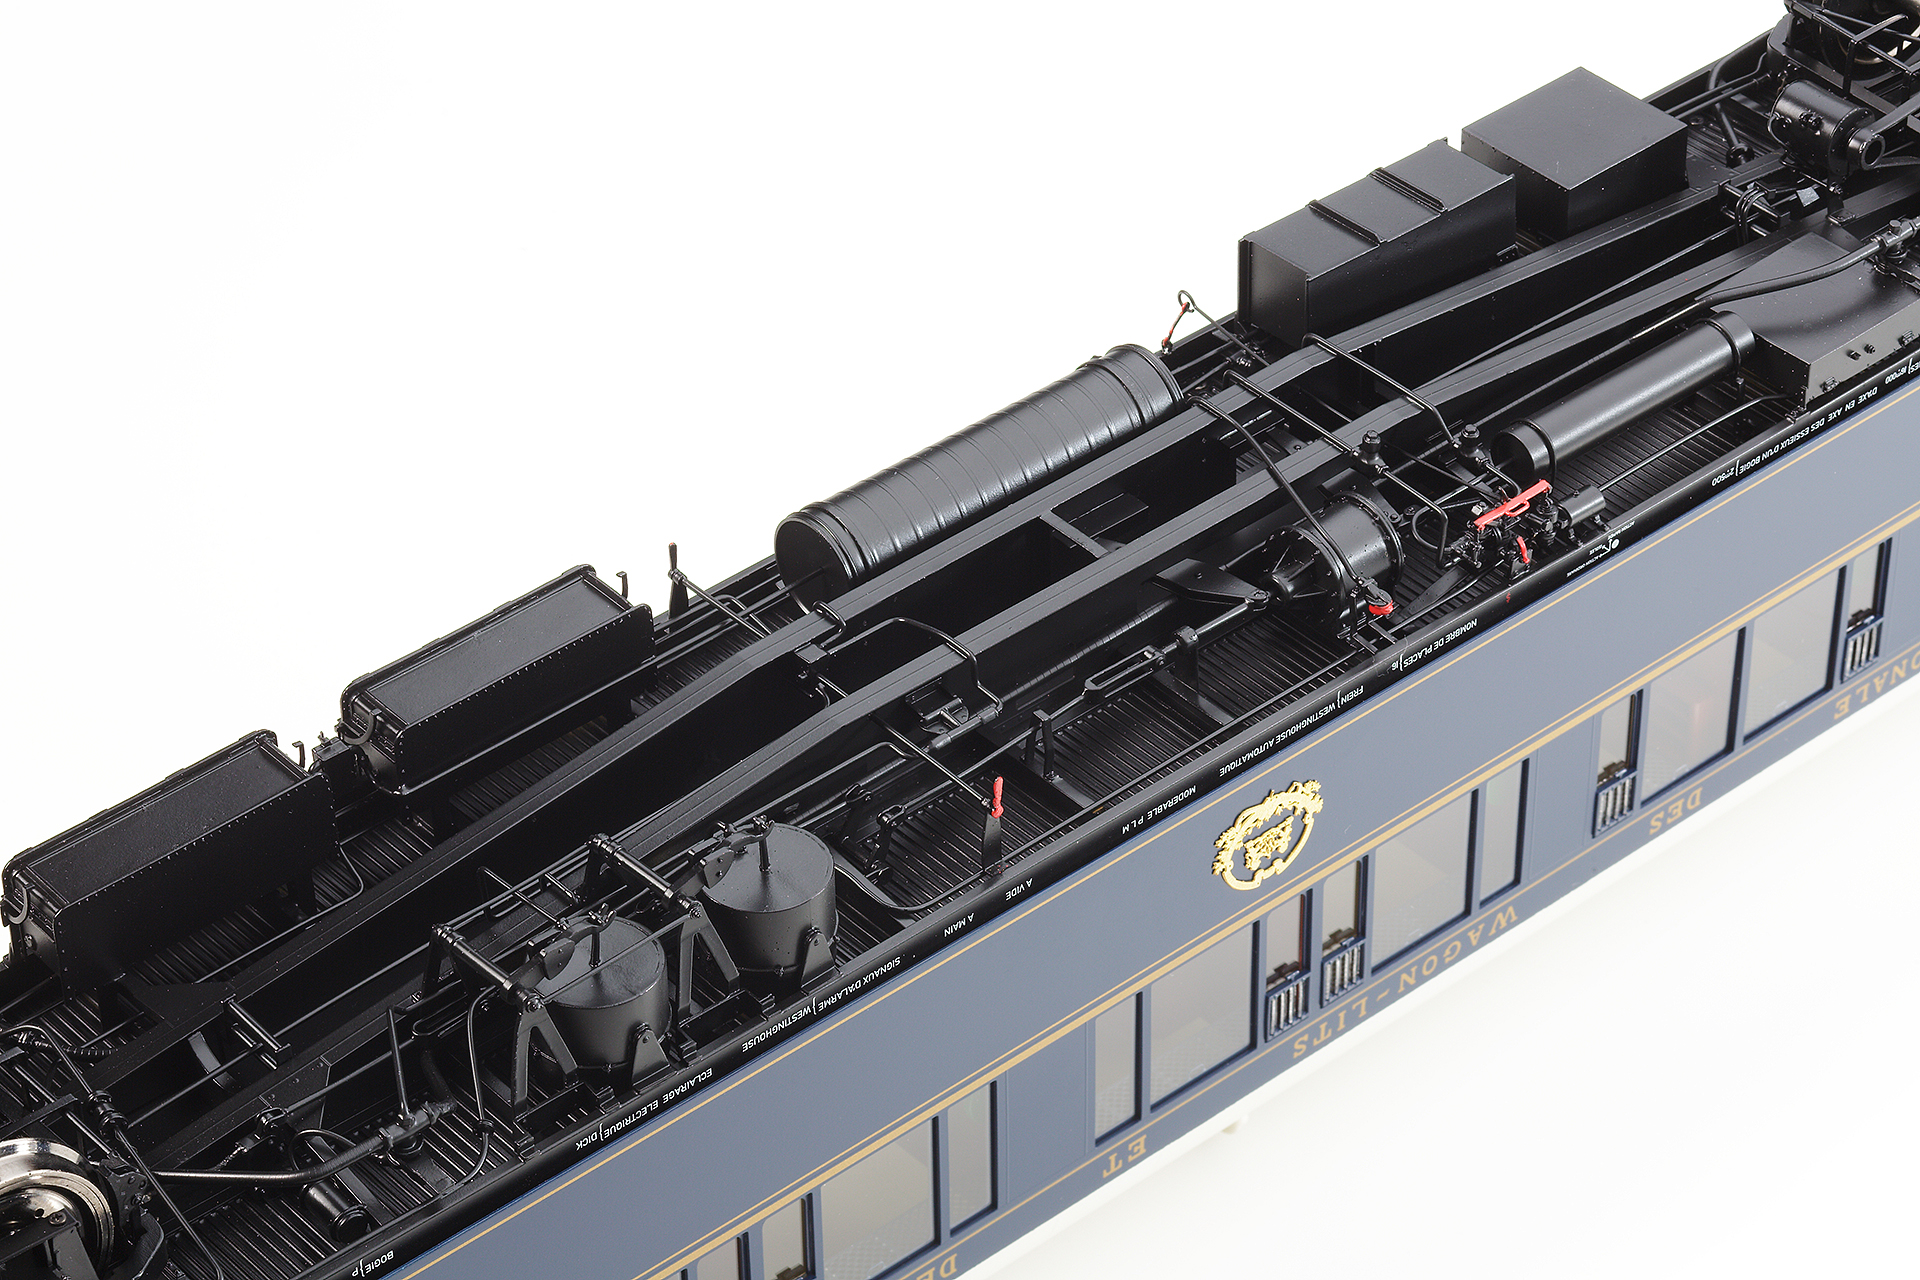 Spur 1 Orientexpress vollständige Nachbildung der Saug- und Druckluftbremsanlage